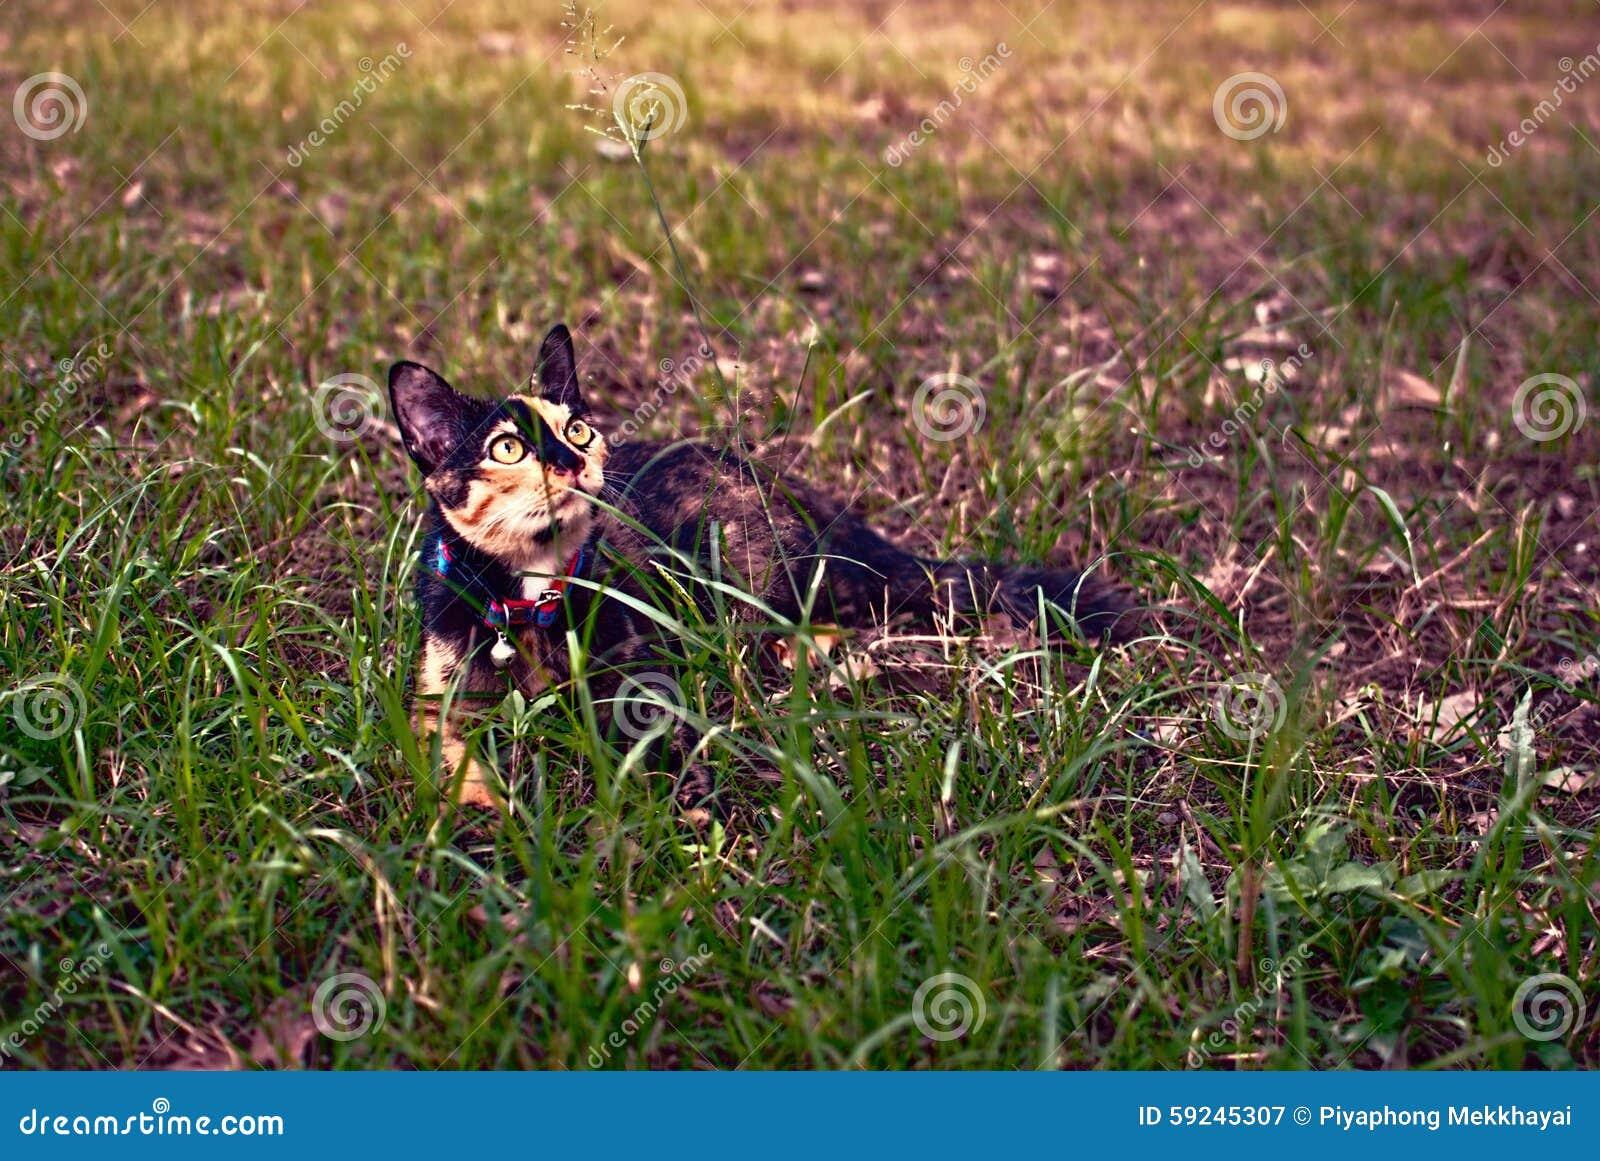 Download Gato lindo imagen de archivo. Imagen de retrato, animal - 59245307